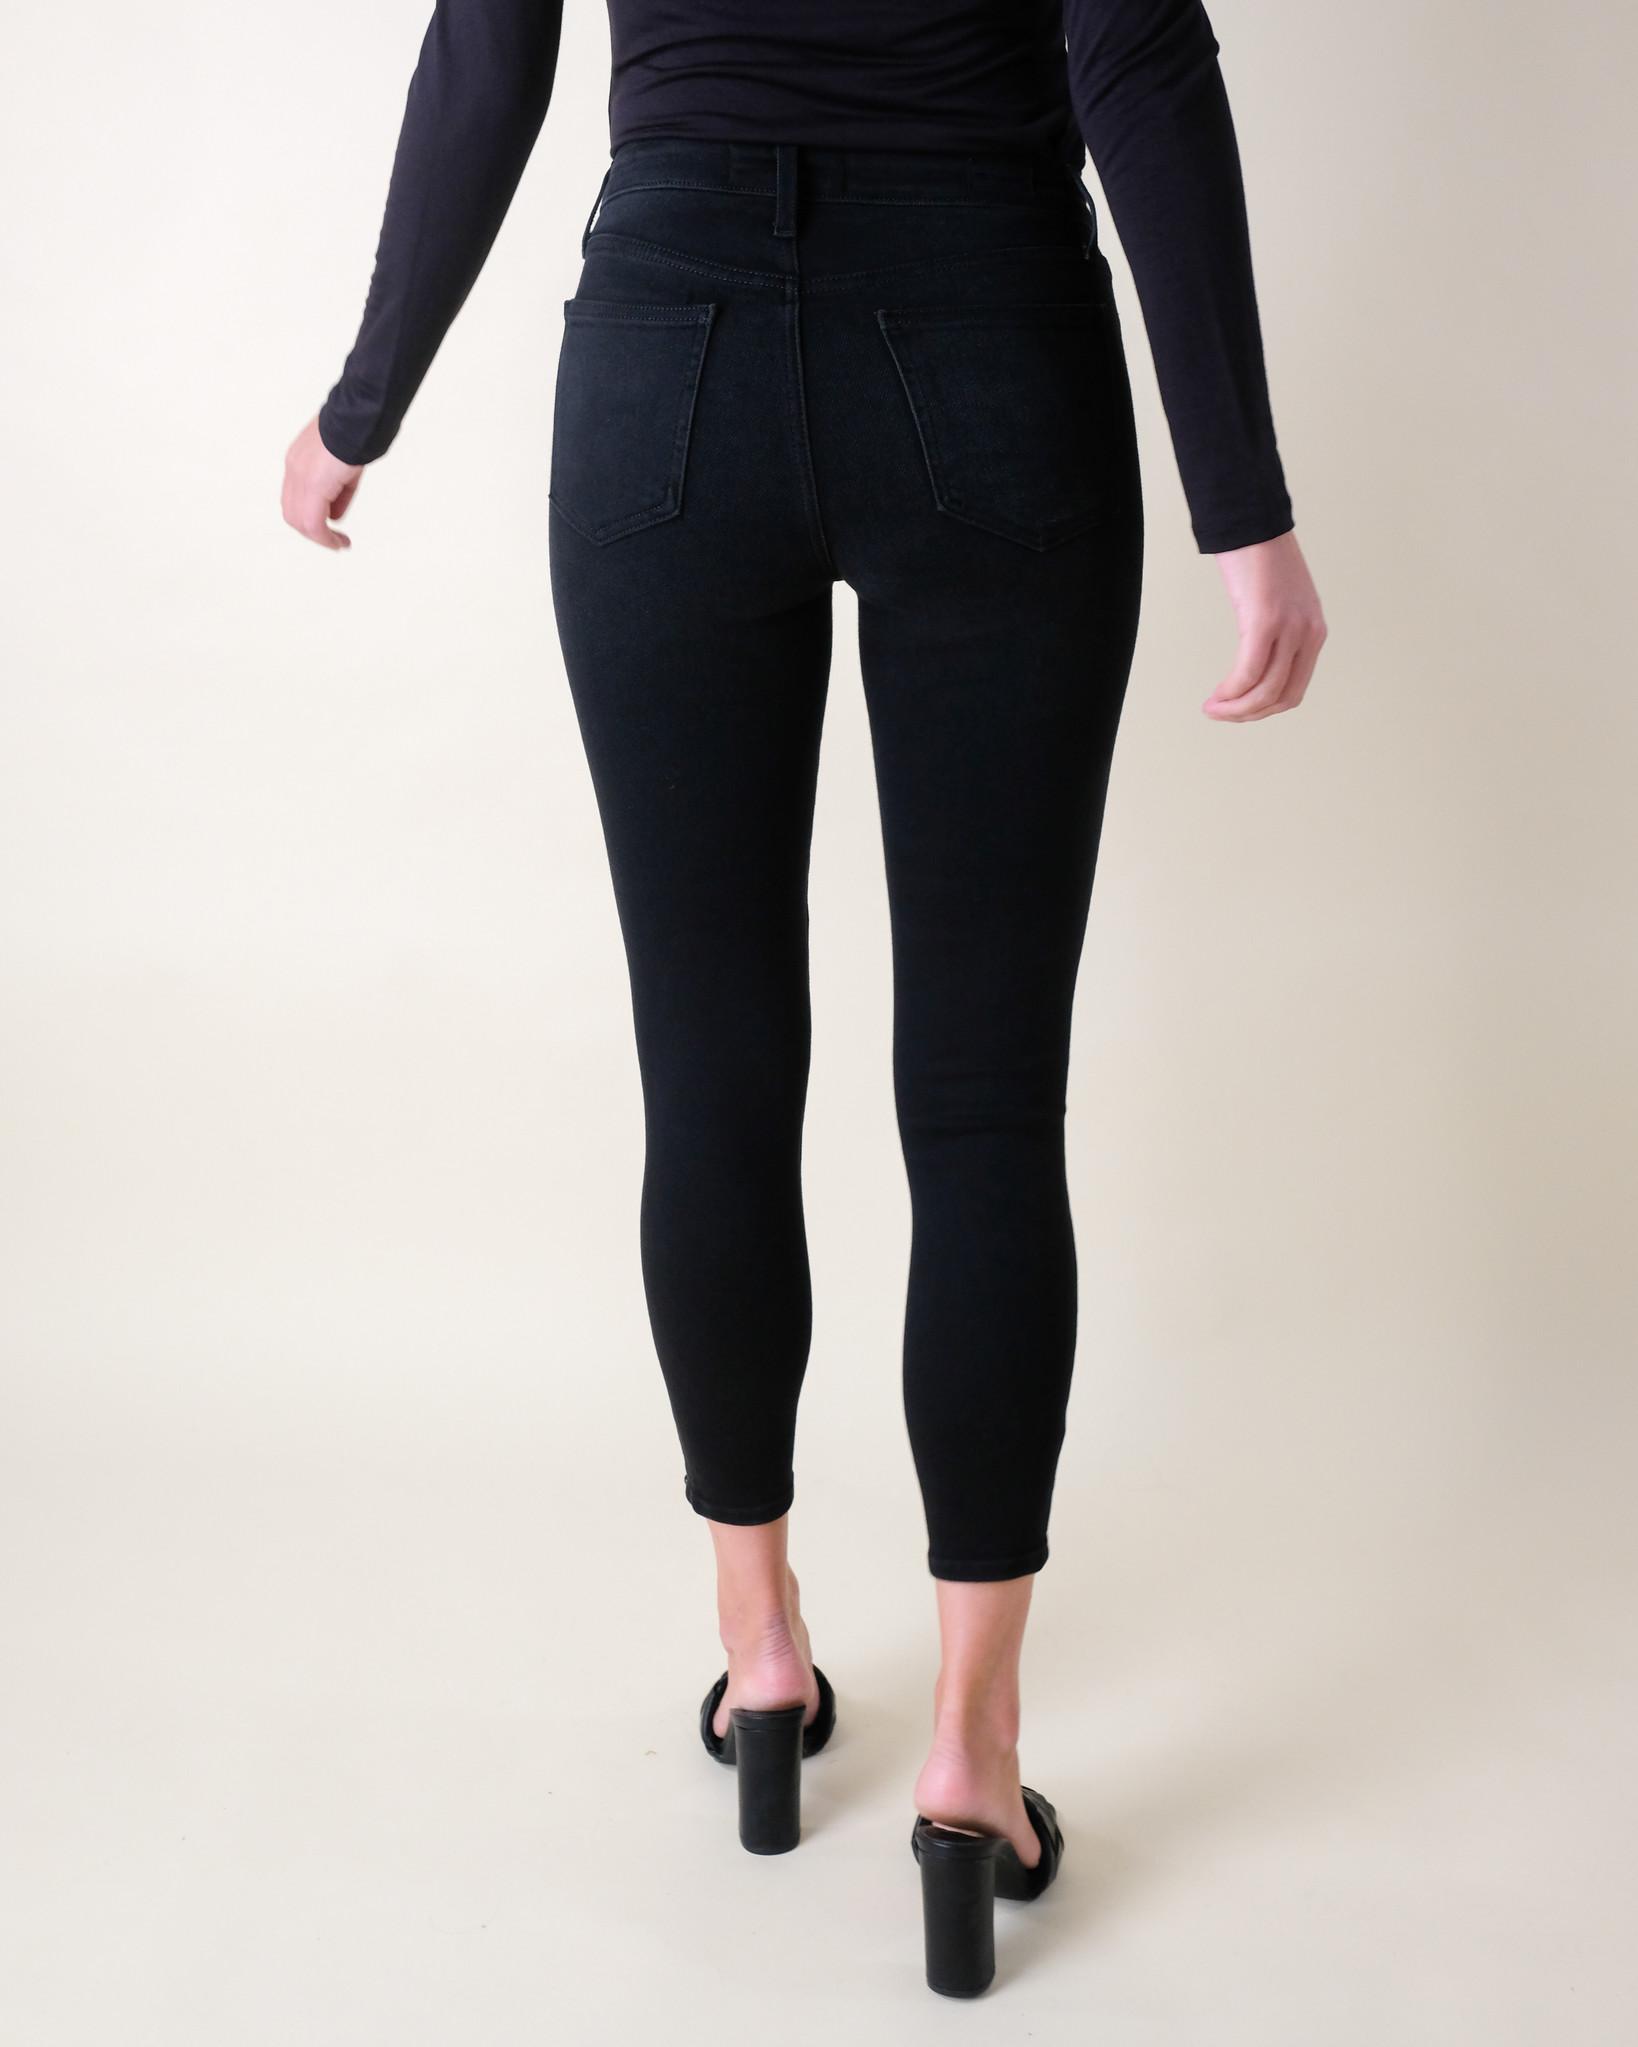 Jeans Washed Black Skinny